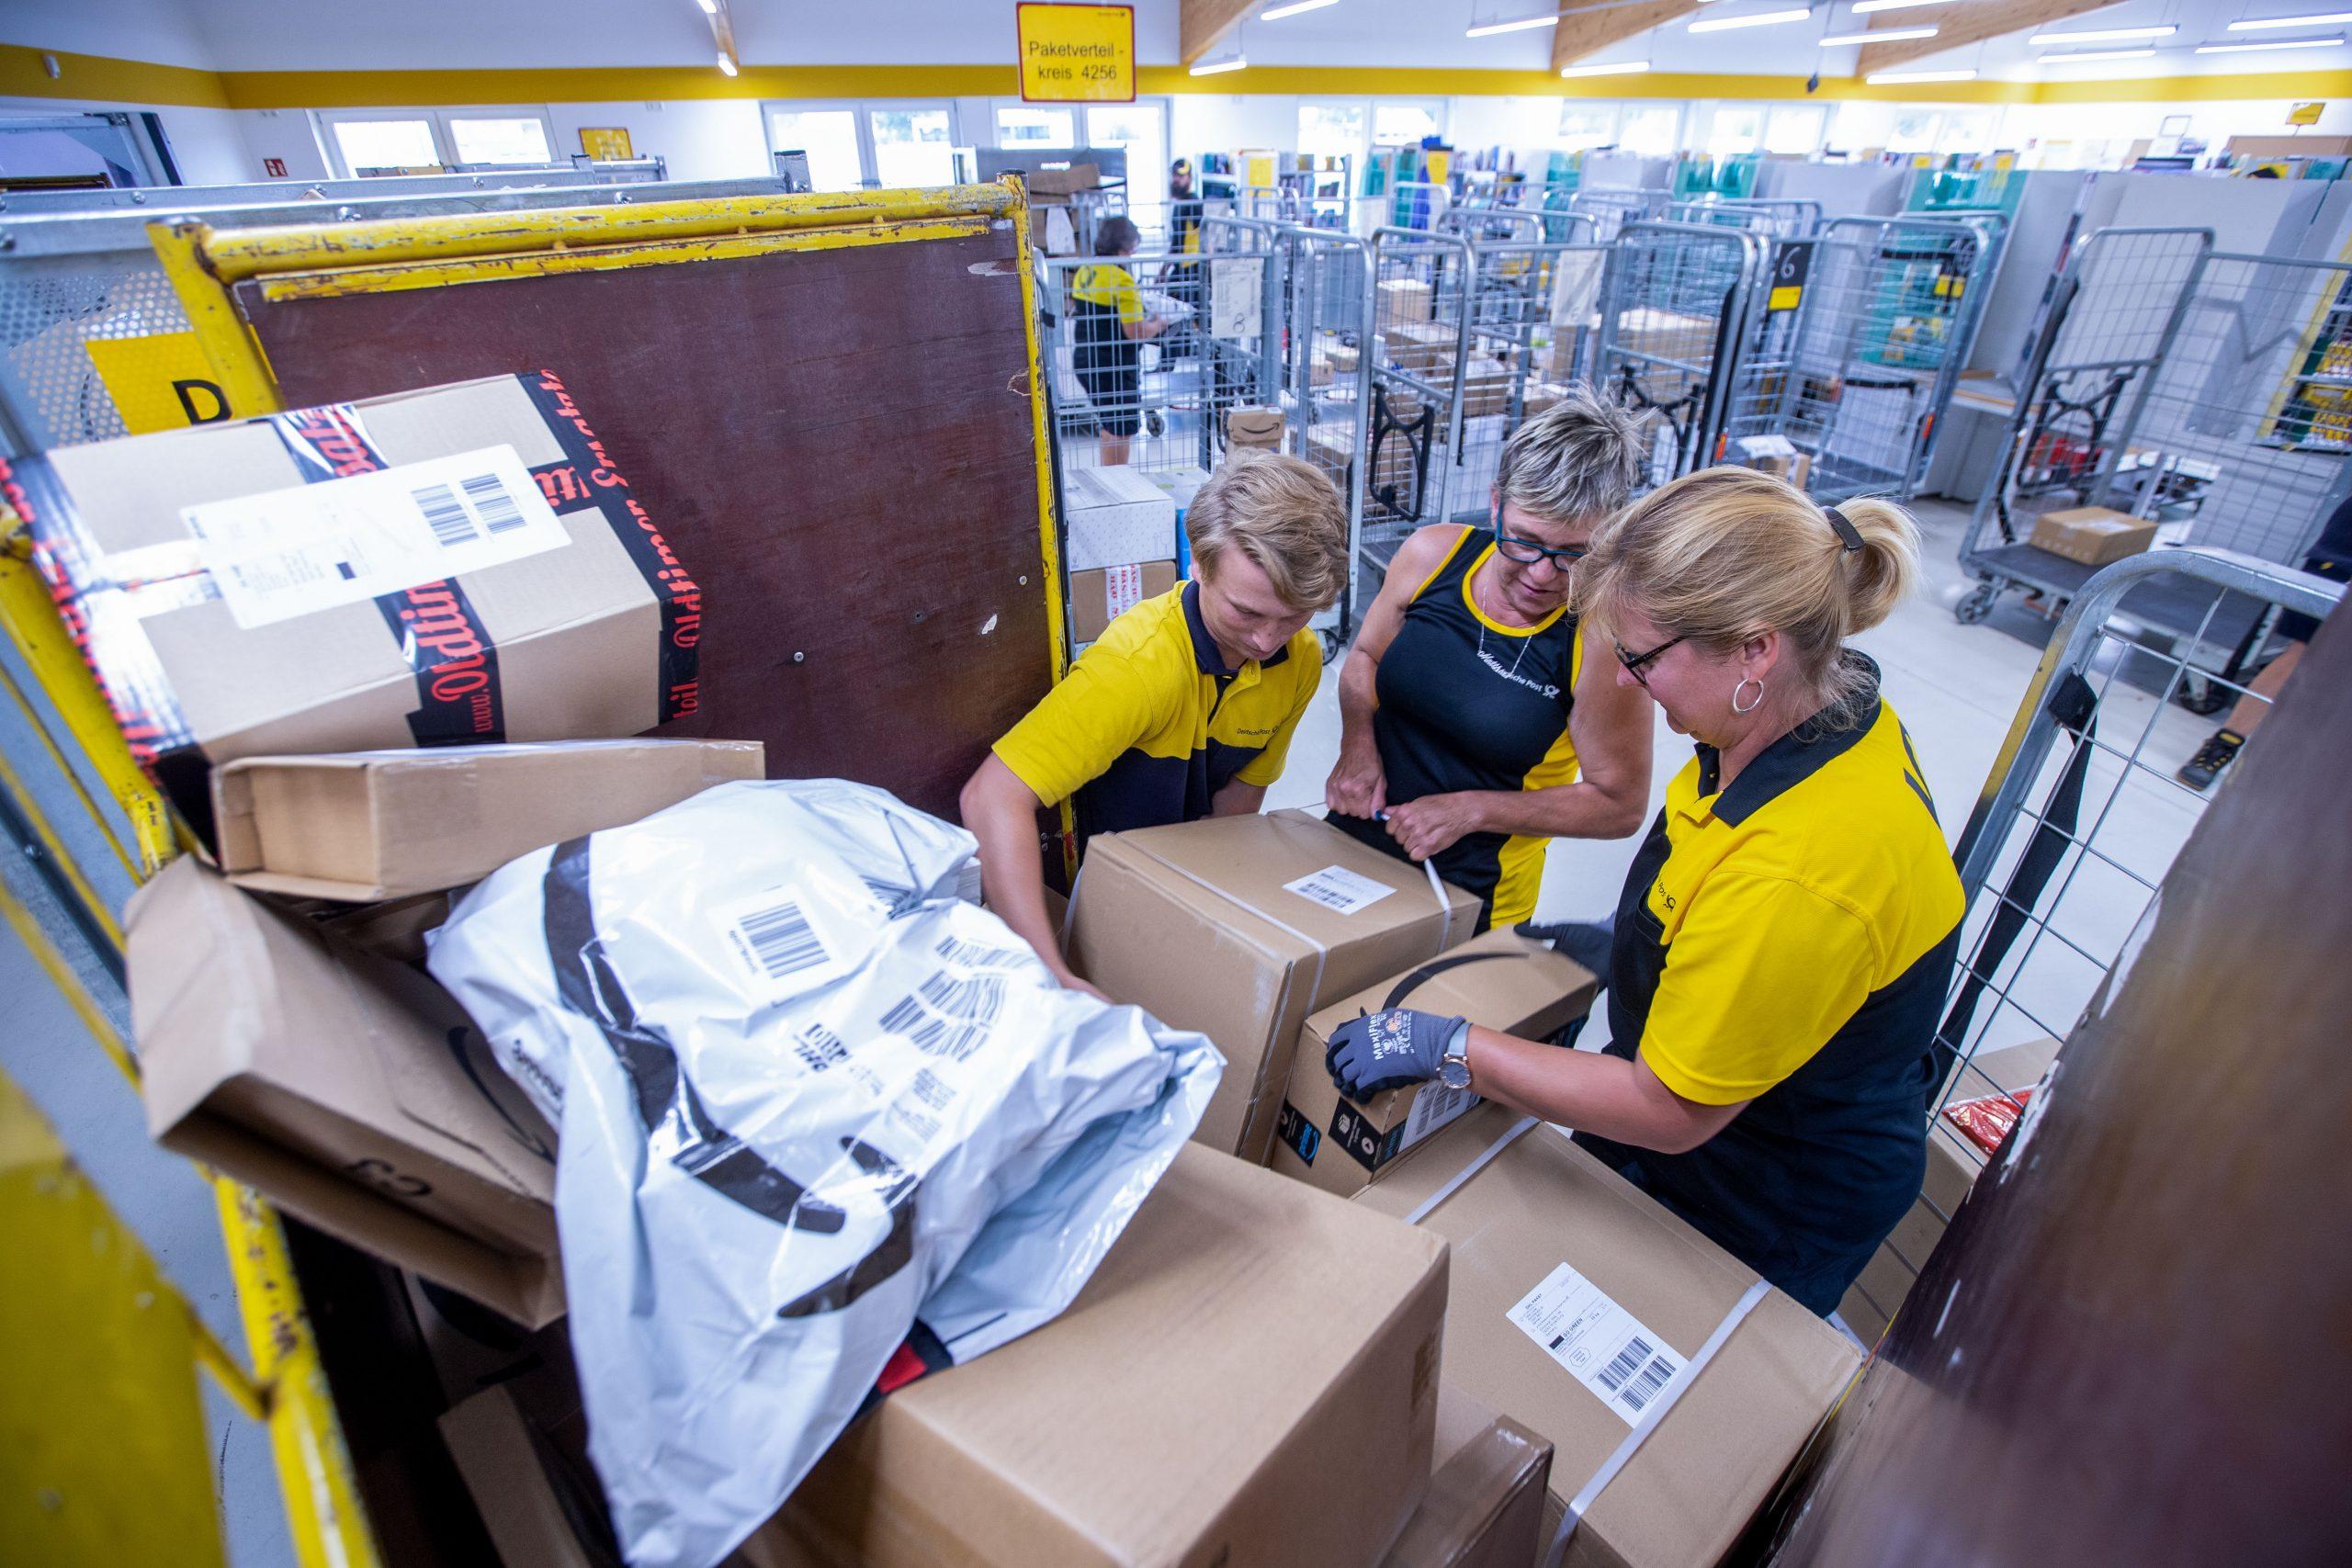 Paketzusteller der Deutschen Post Foto: picture alliance/Jens Büttner/dpa-Zentralbild/ZB